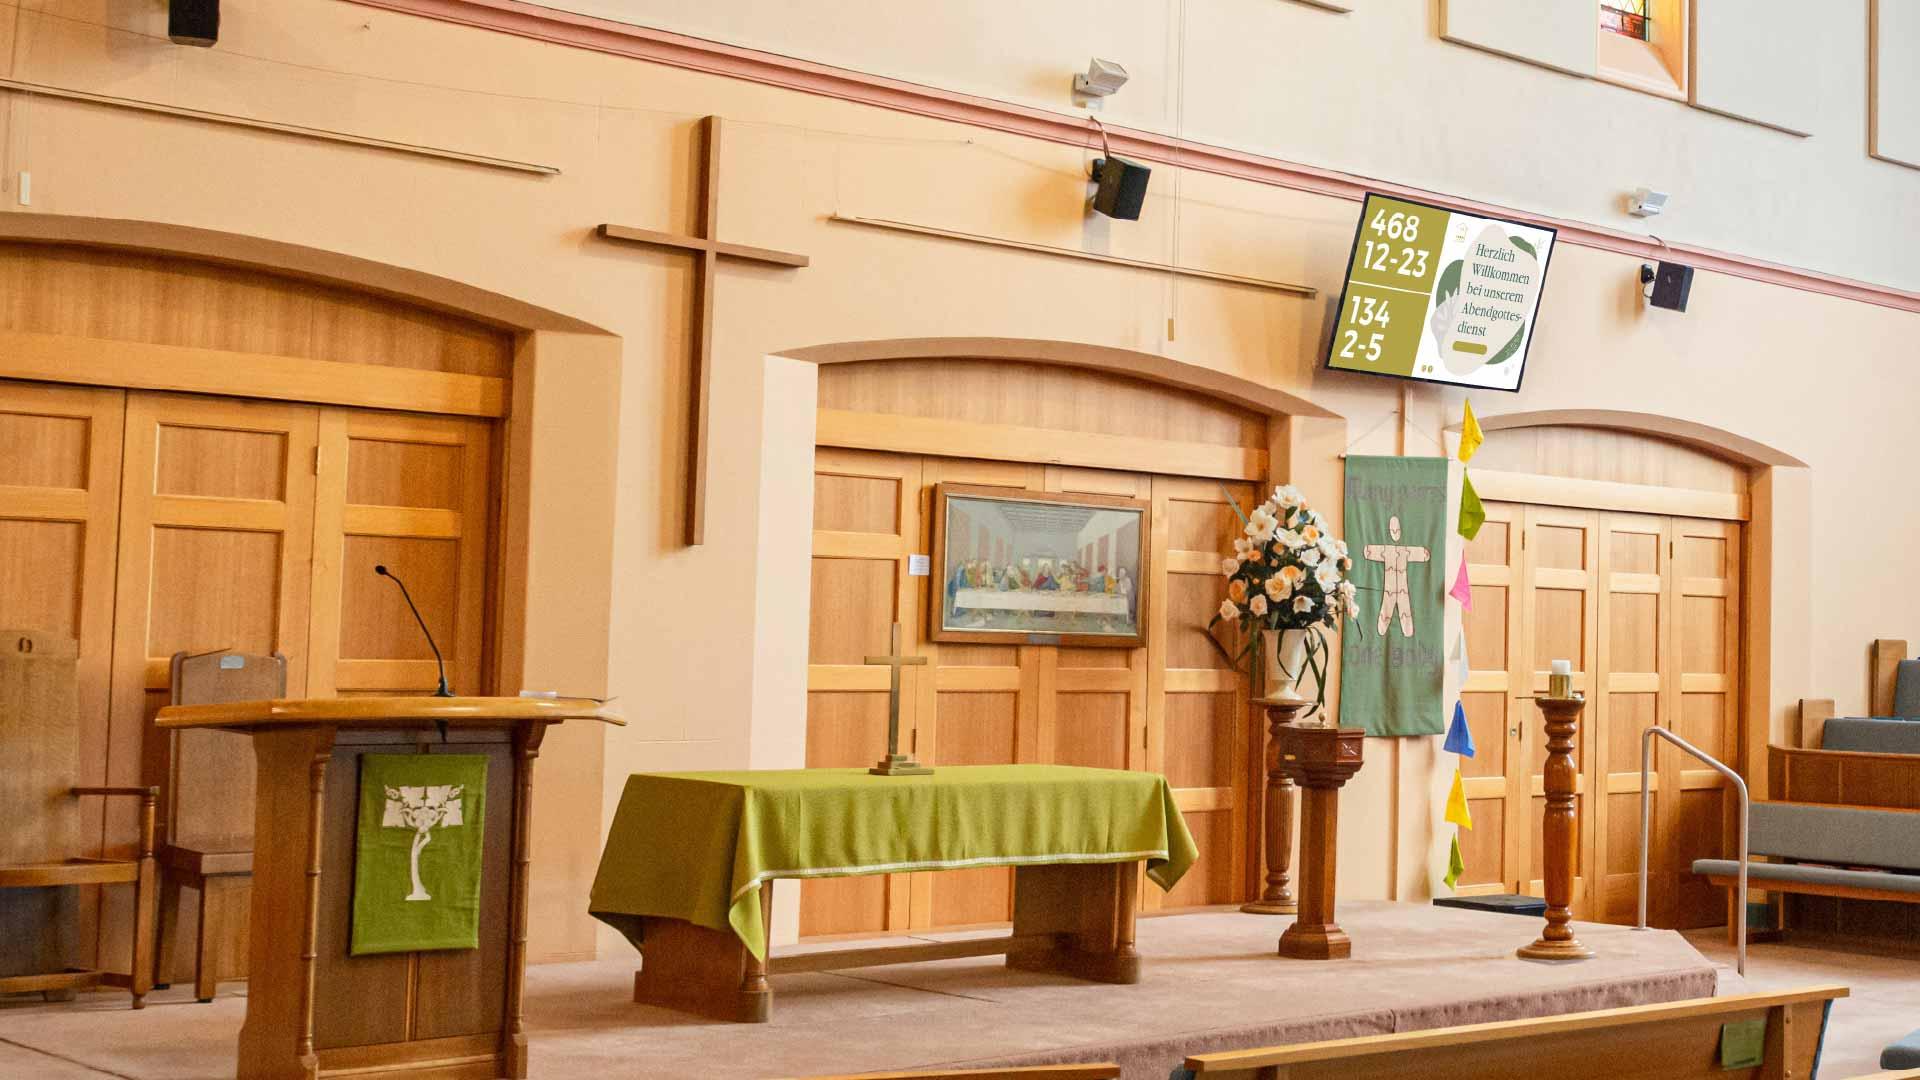 Digital Signage Liedanzeige in einer Kirche